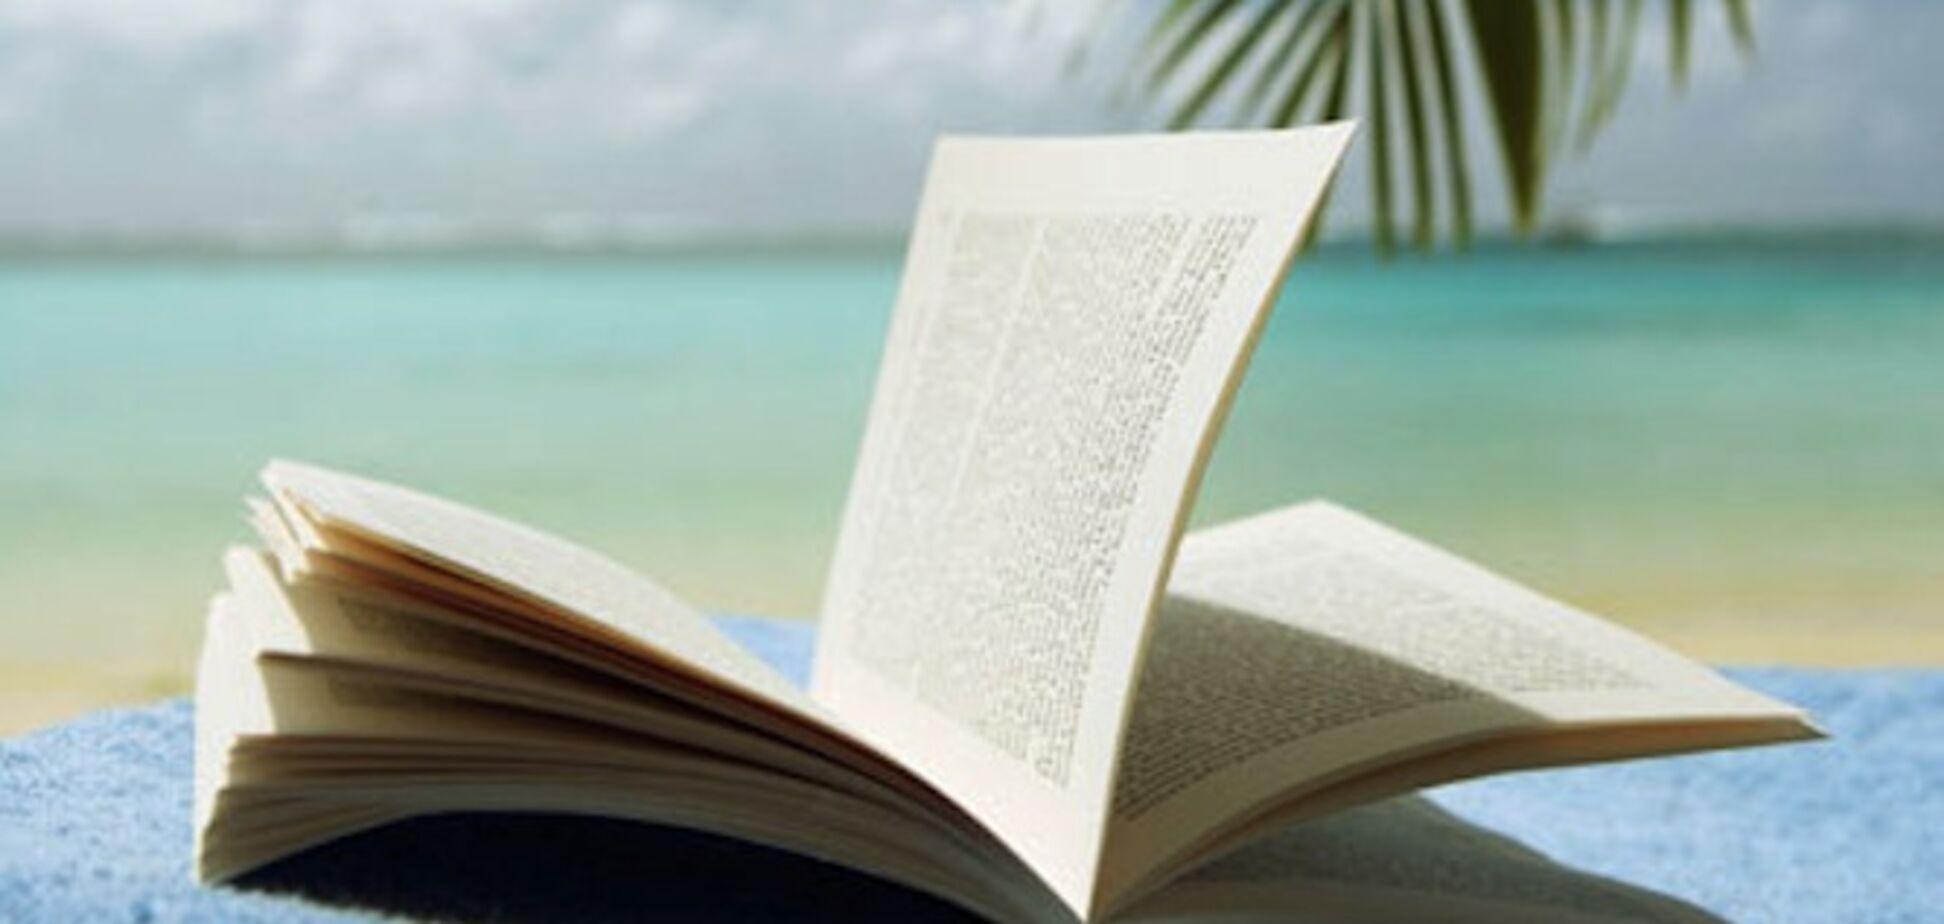 Пять романов, которые стоит прочесть этим летом